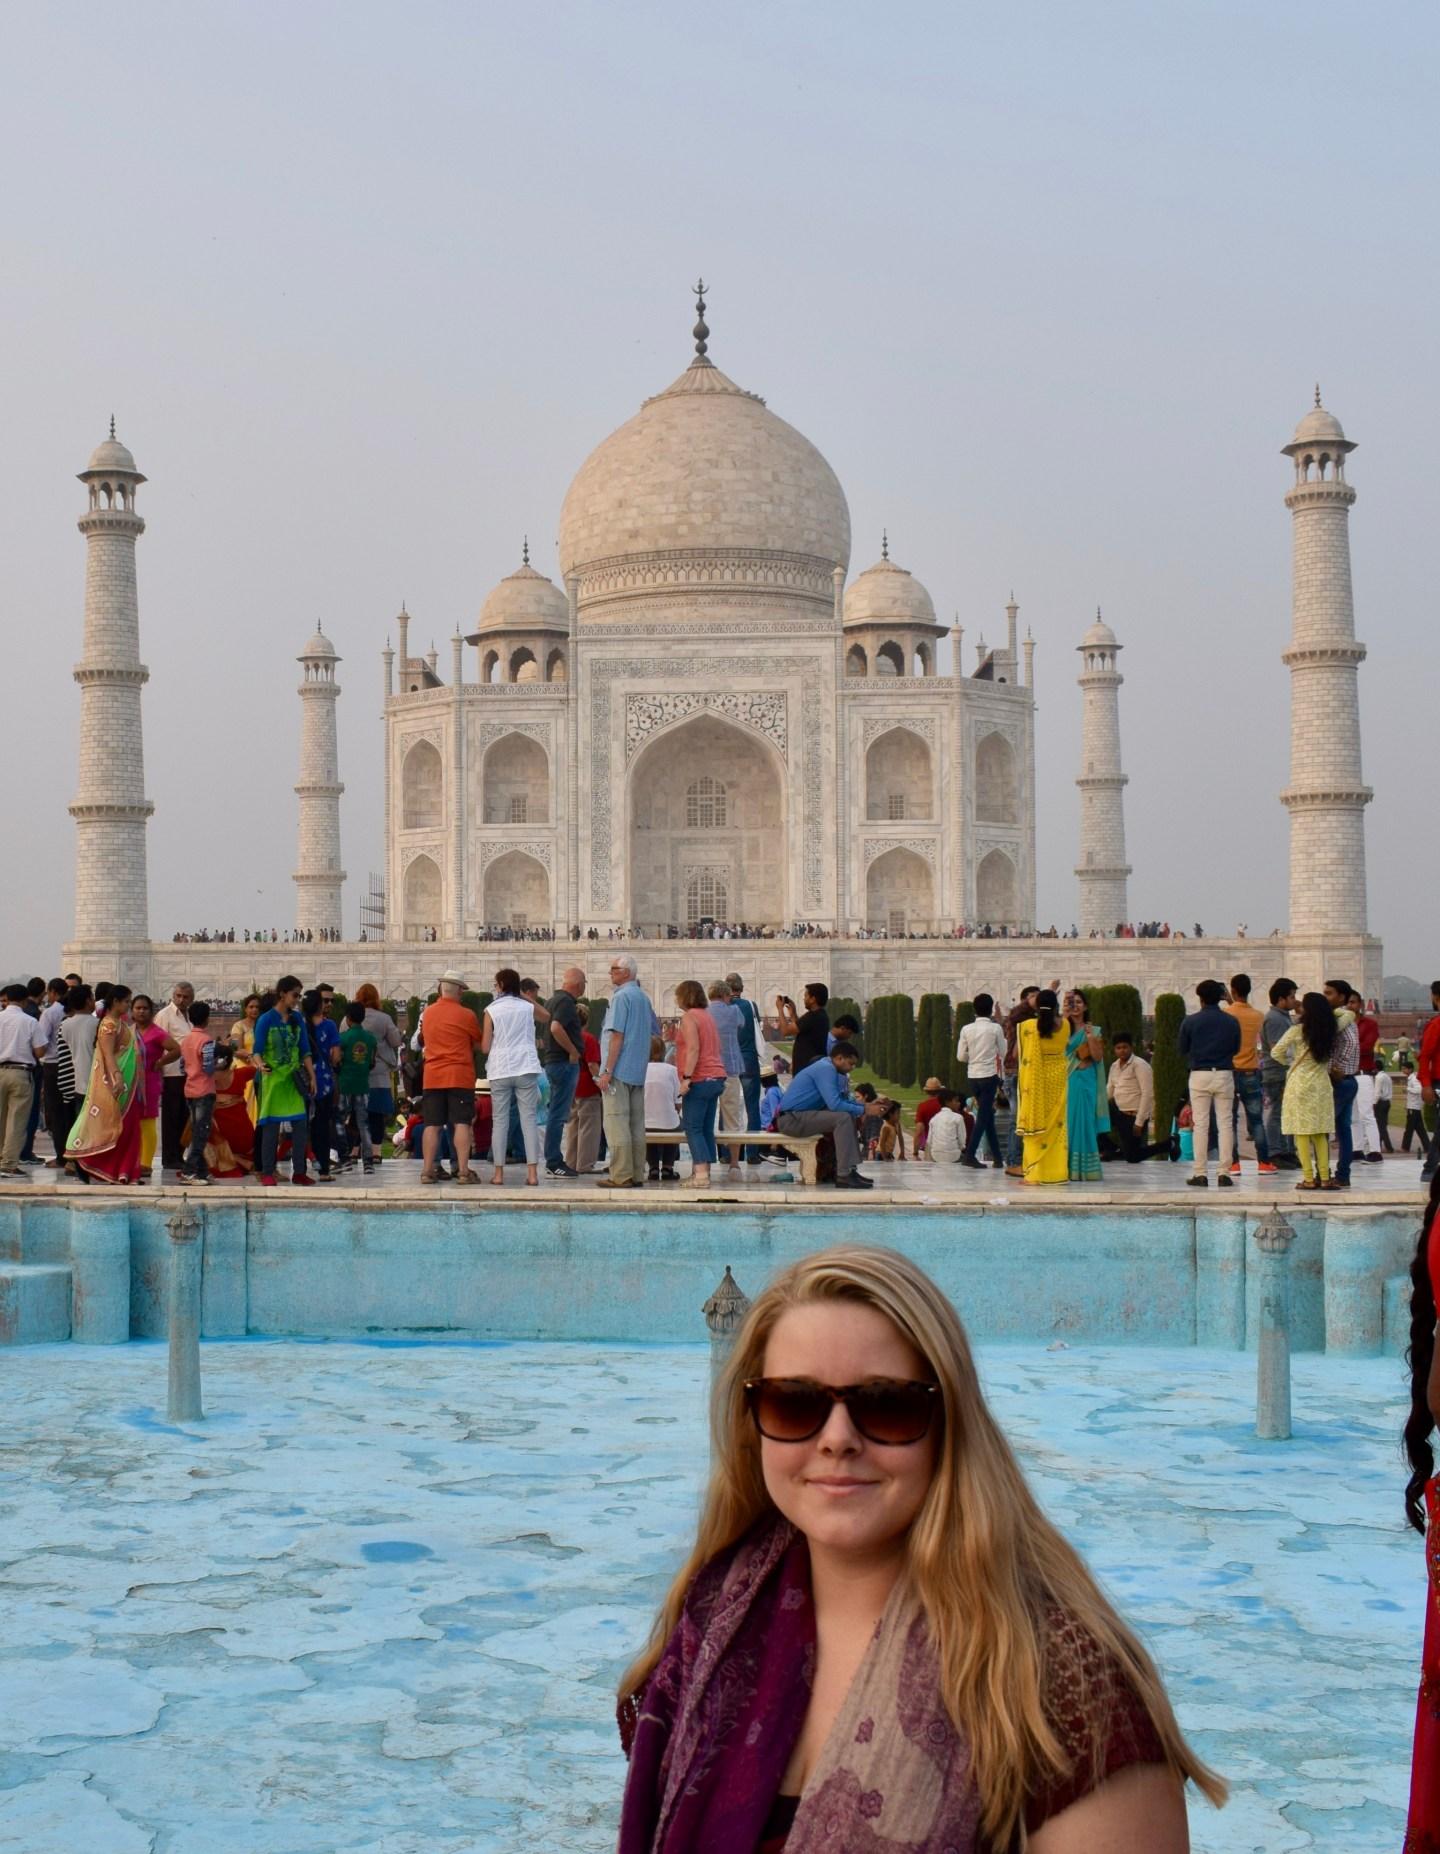 girl smiles in front of taj mahal in india